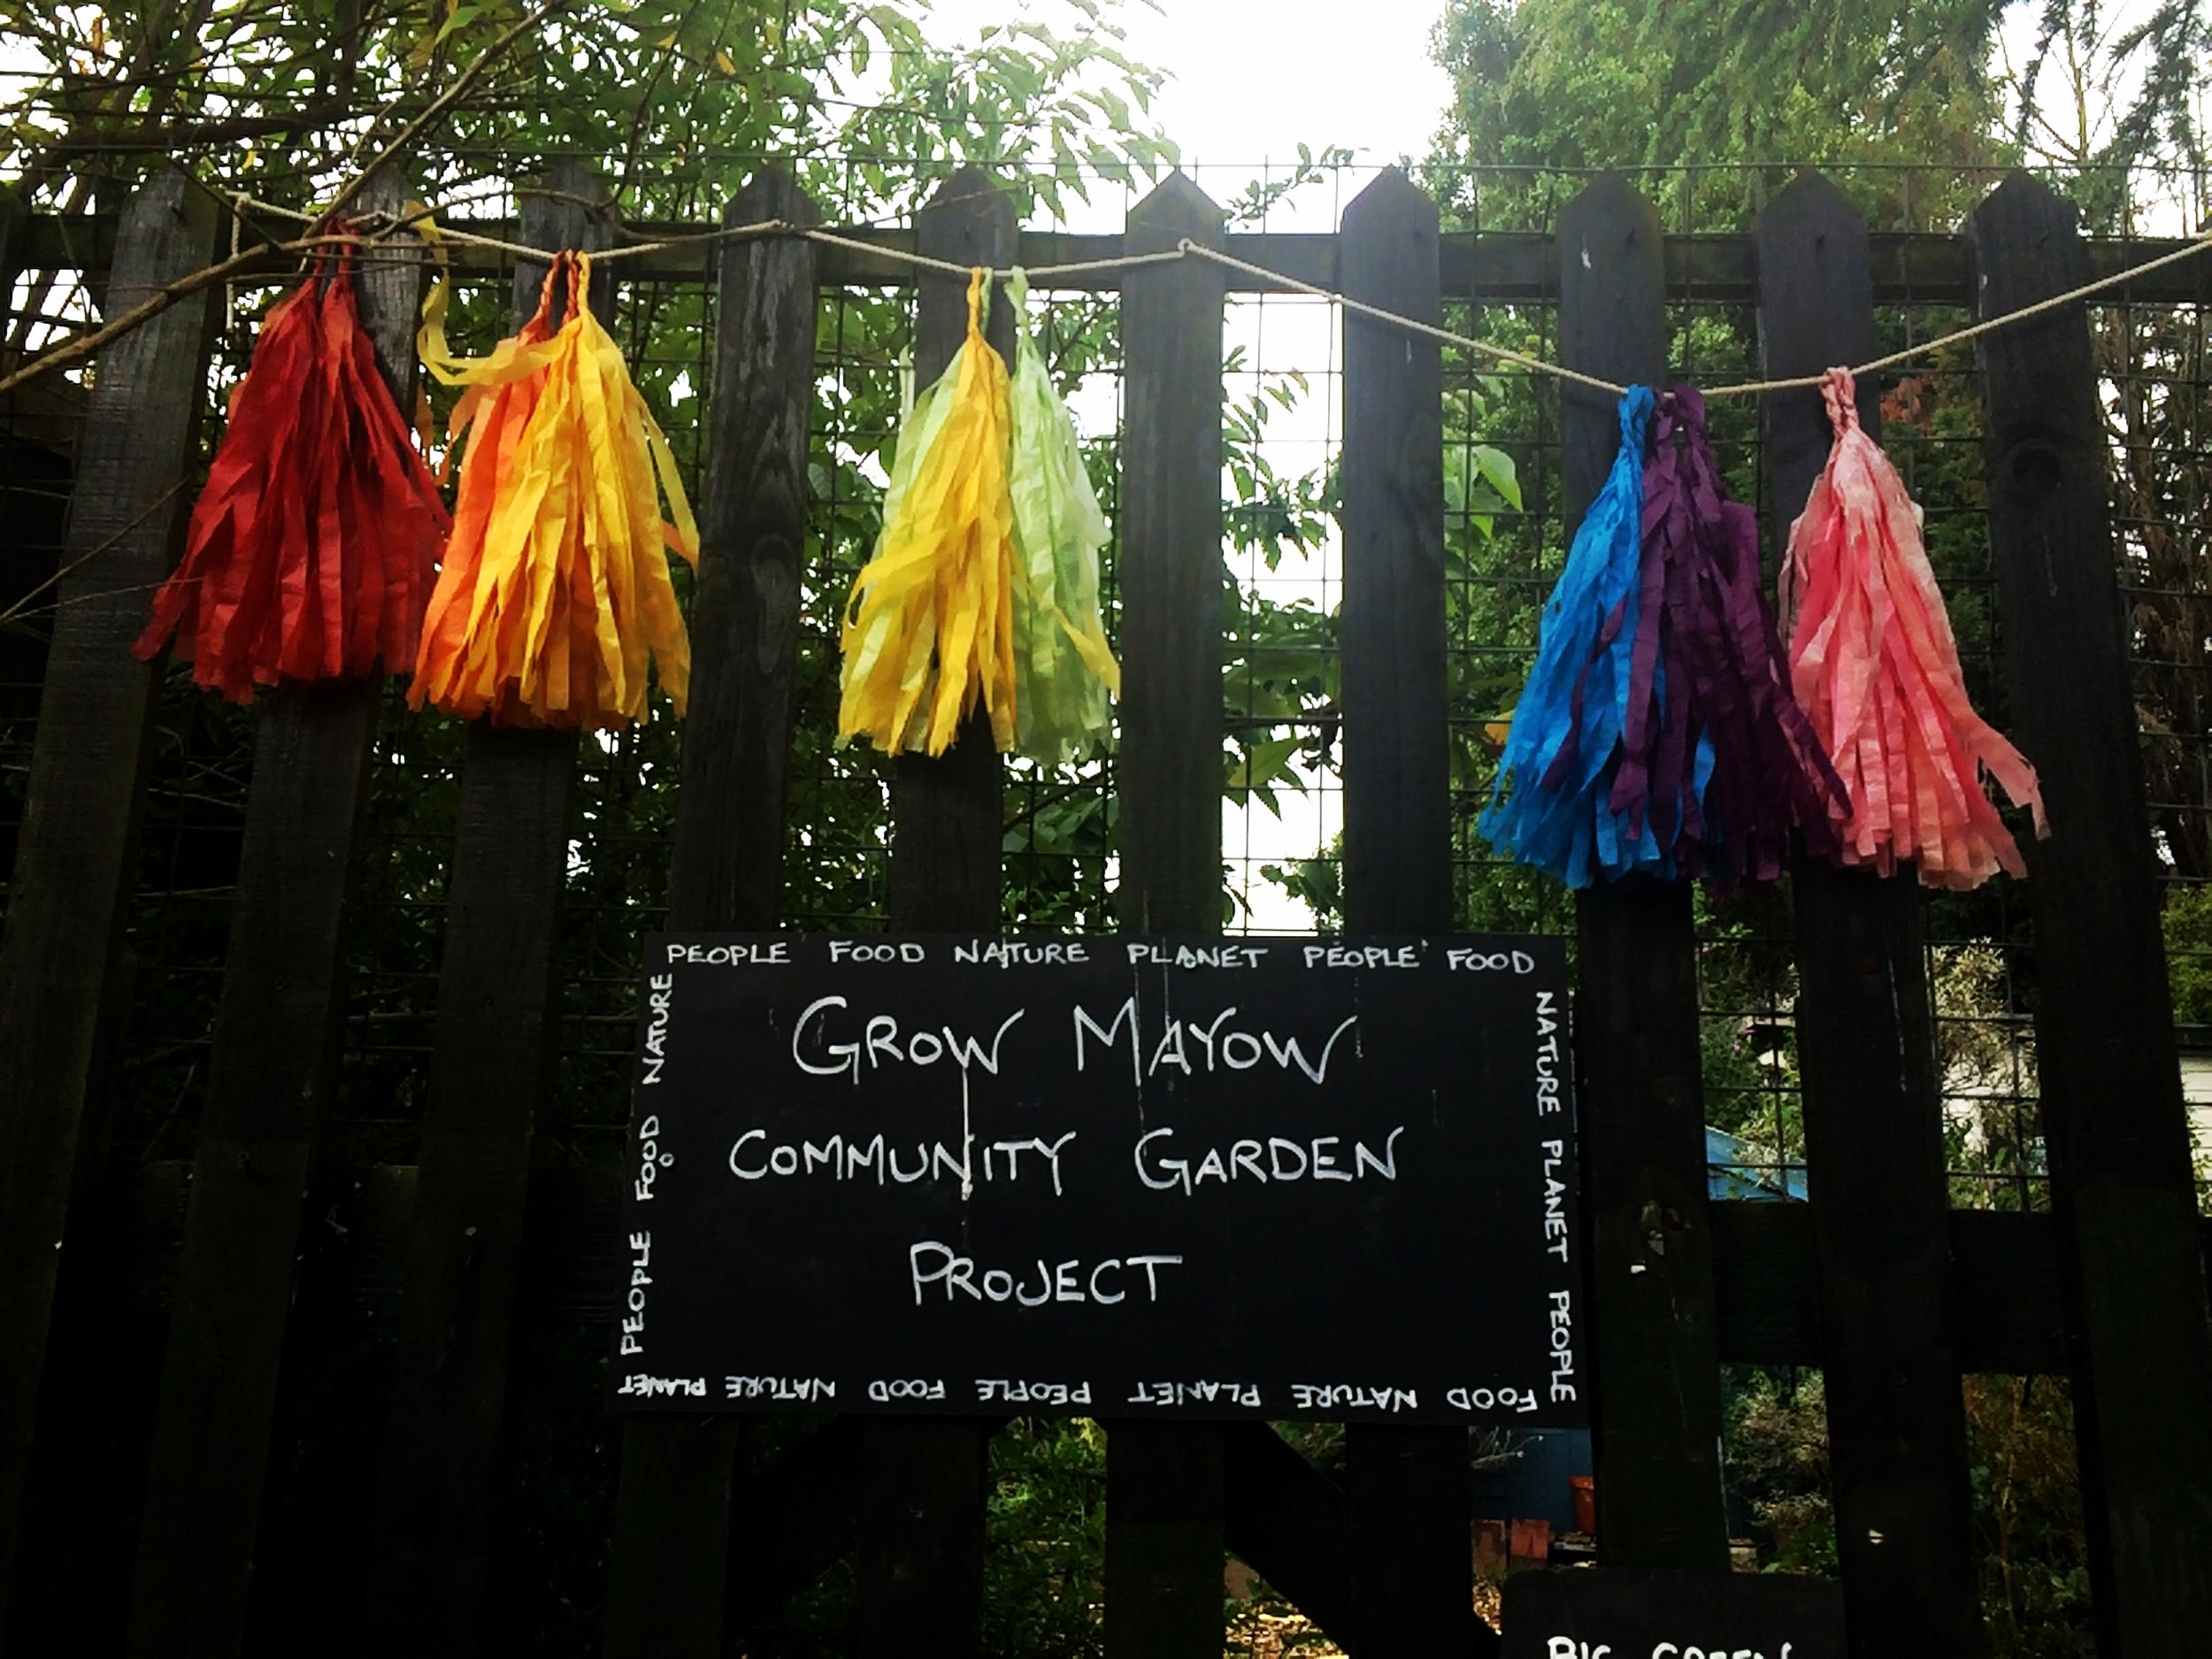 The community garden at Sydenham's Mayow Park